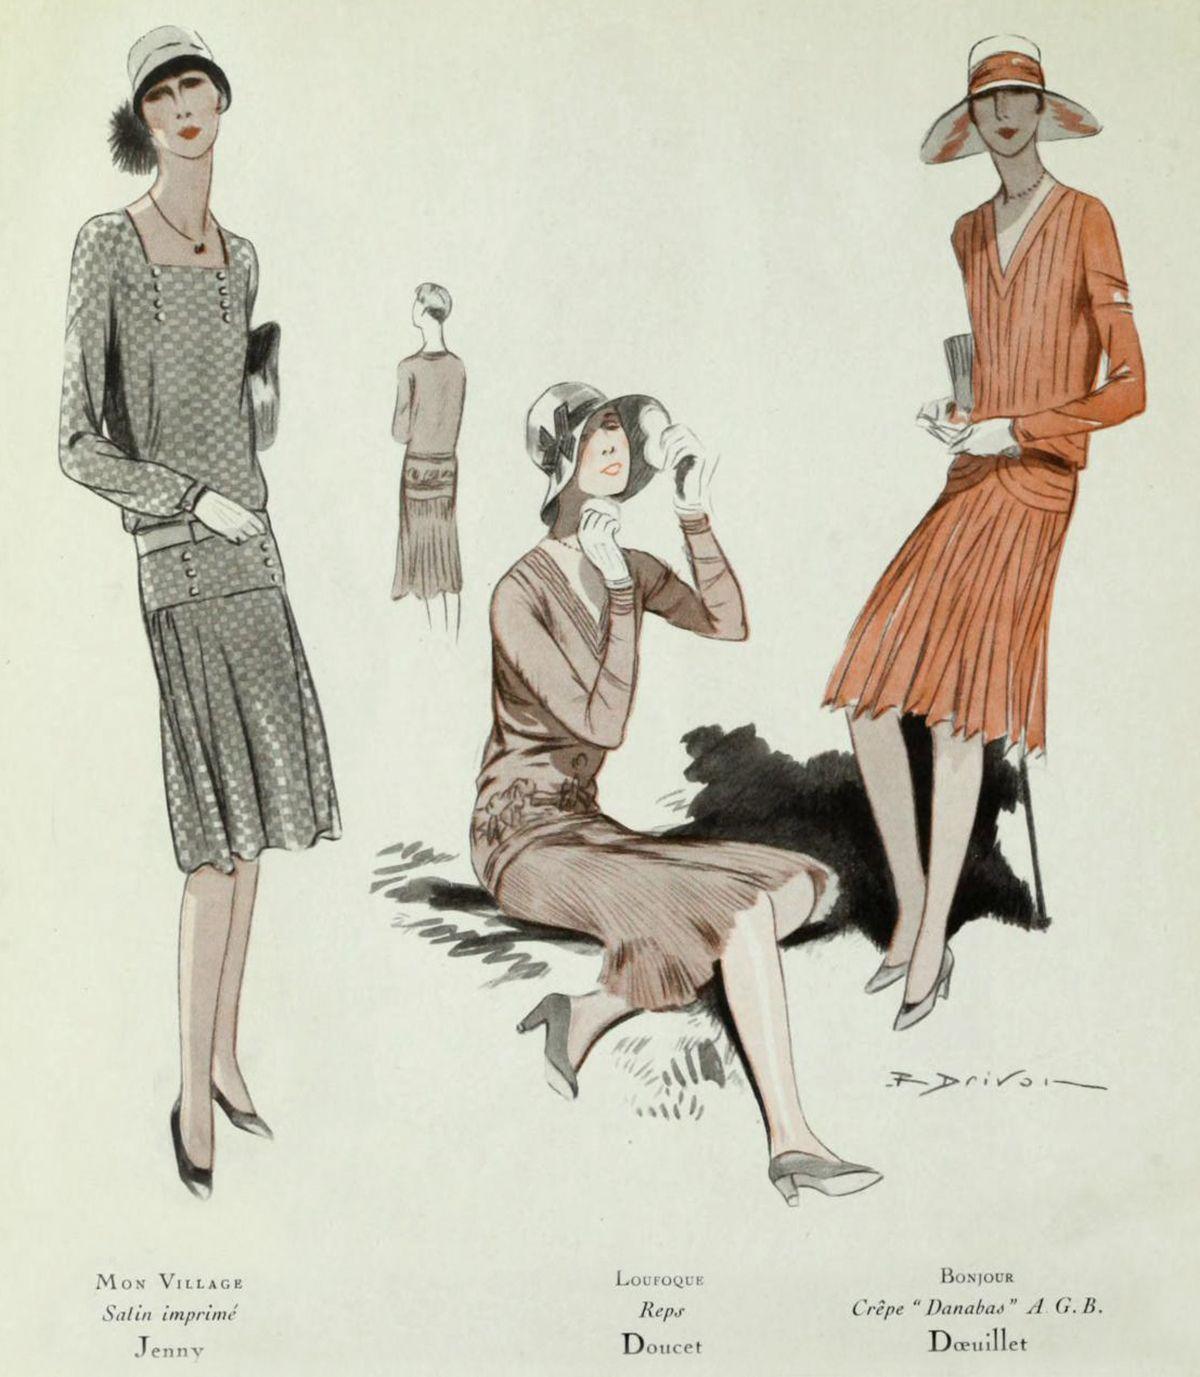 1920s Fashion - Paris 1928 - Jenny, Doucet and Doeuillet